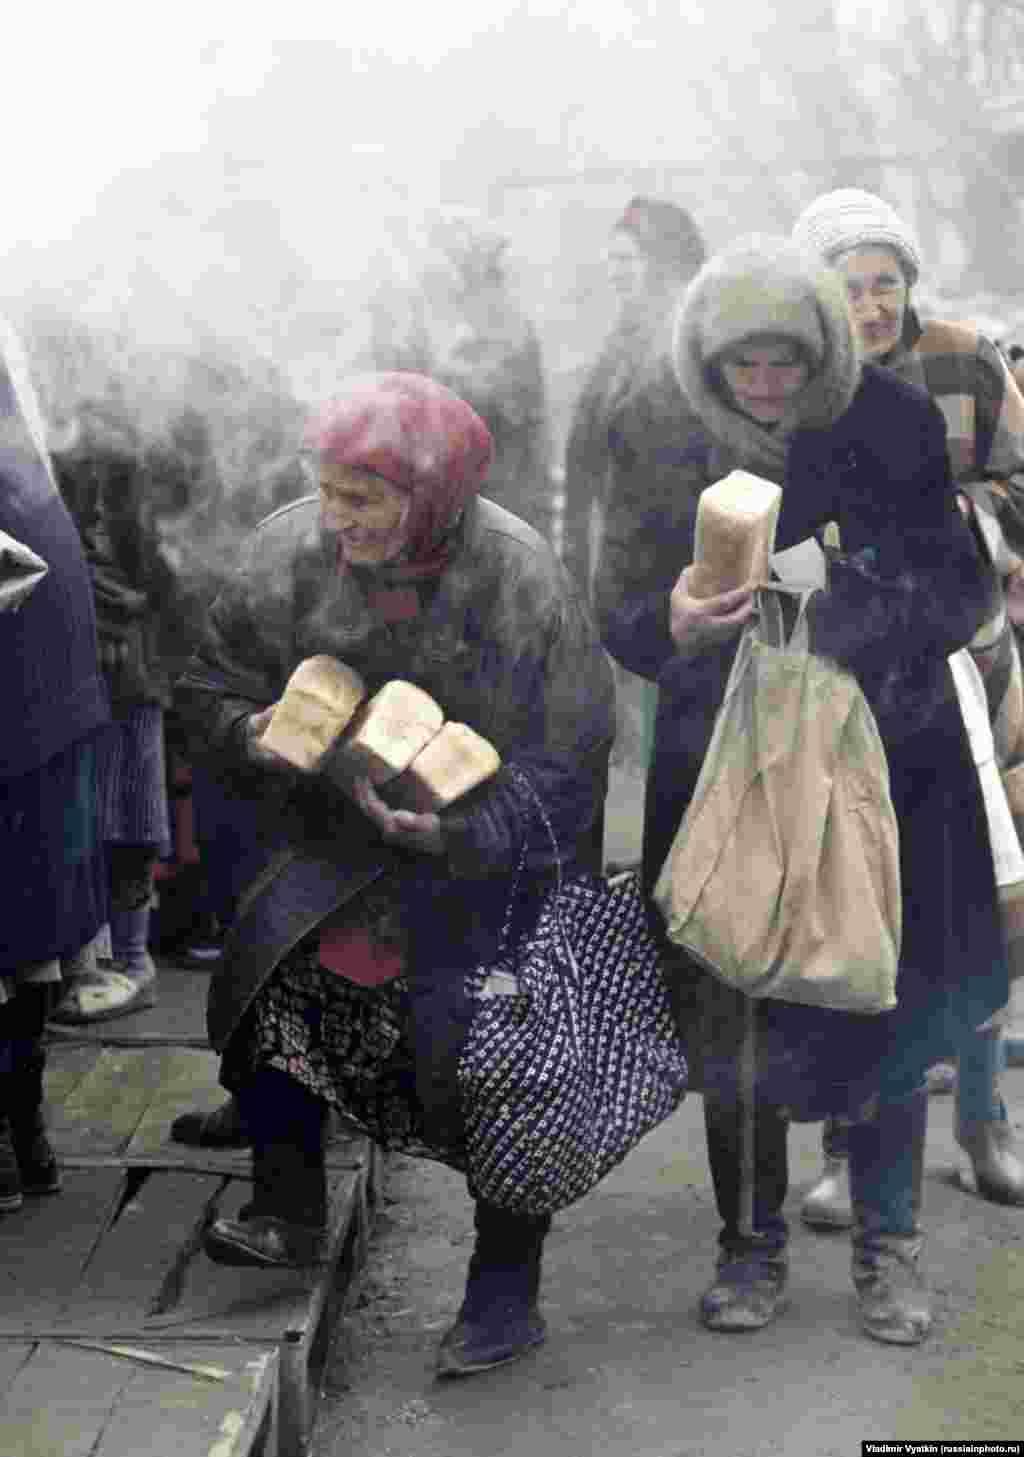 Пожилые женщины в Грозном во время Второй чеченской войны, 1999